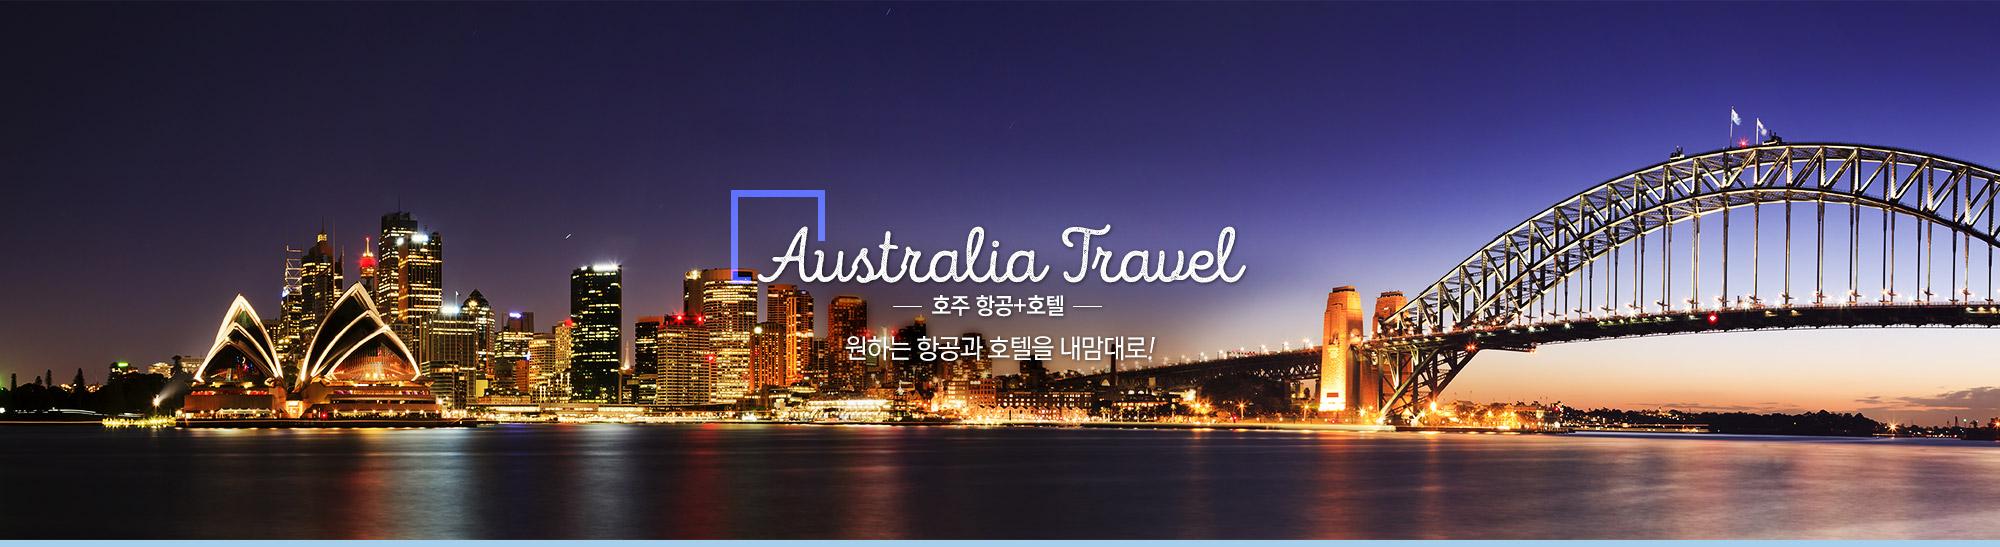 호주항공+호텔, 원하는 항공과 호텔을 내맘대로!